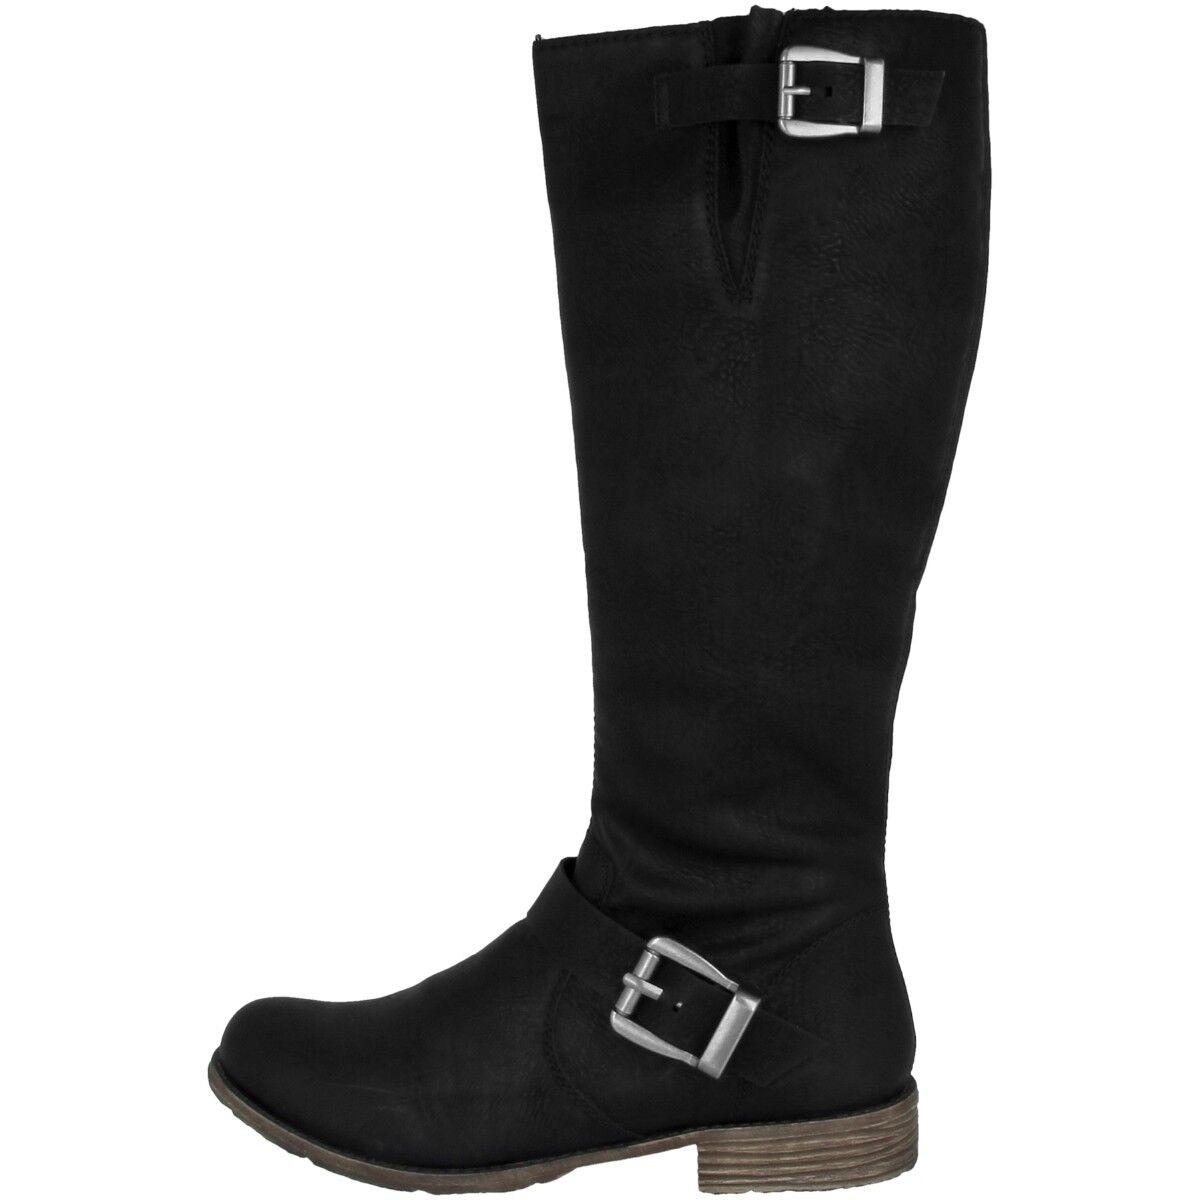 Rieker Rieker Rieker Antistress Eagle skor kvinnor vinter svart 74787 -00  rabatt lågt pris